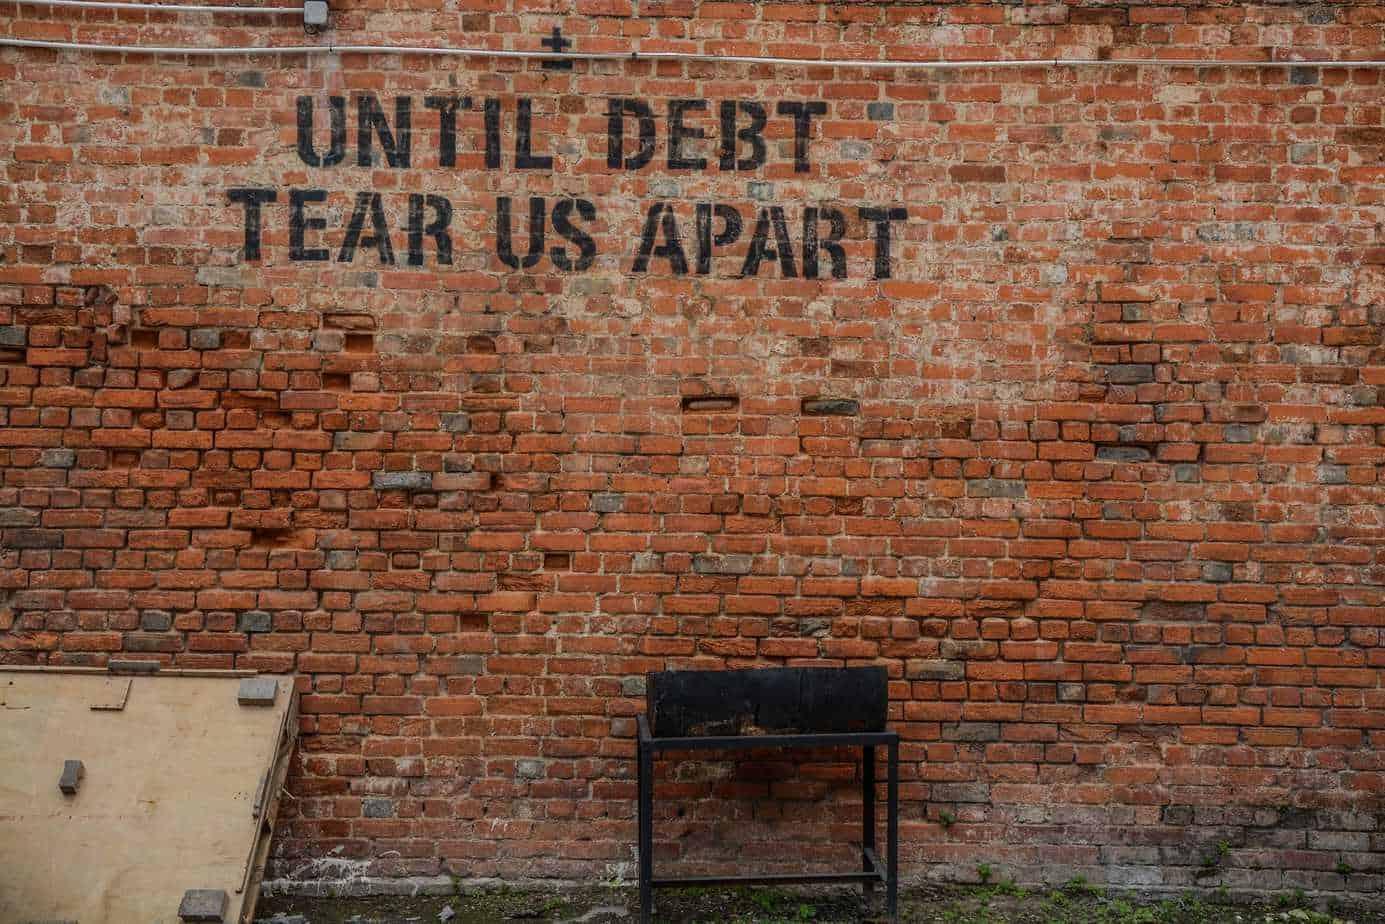 Beleggen met je studieschuld, is dat een goed idee? Aangezien je over je studieschuld op dit moment 0% rente betaalt en je 35 jaar hebt om je studieschuld af te betalen klinkt het heel aantrekkelijk, maar er zitten ook flink wat haken en ogen aan. In deze blog geef ik mijn mening over beleggen met je studieschuld en zet ik de voors en tegens op een rijtje, zodat je zelf kan beslissen of het iets voor je is of niet.